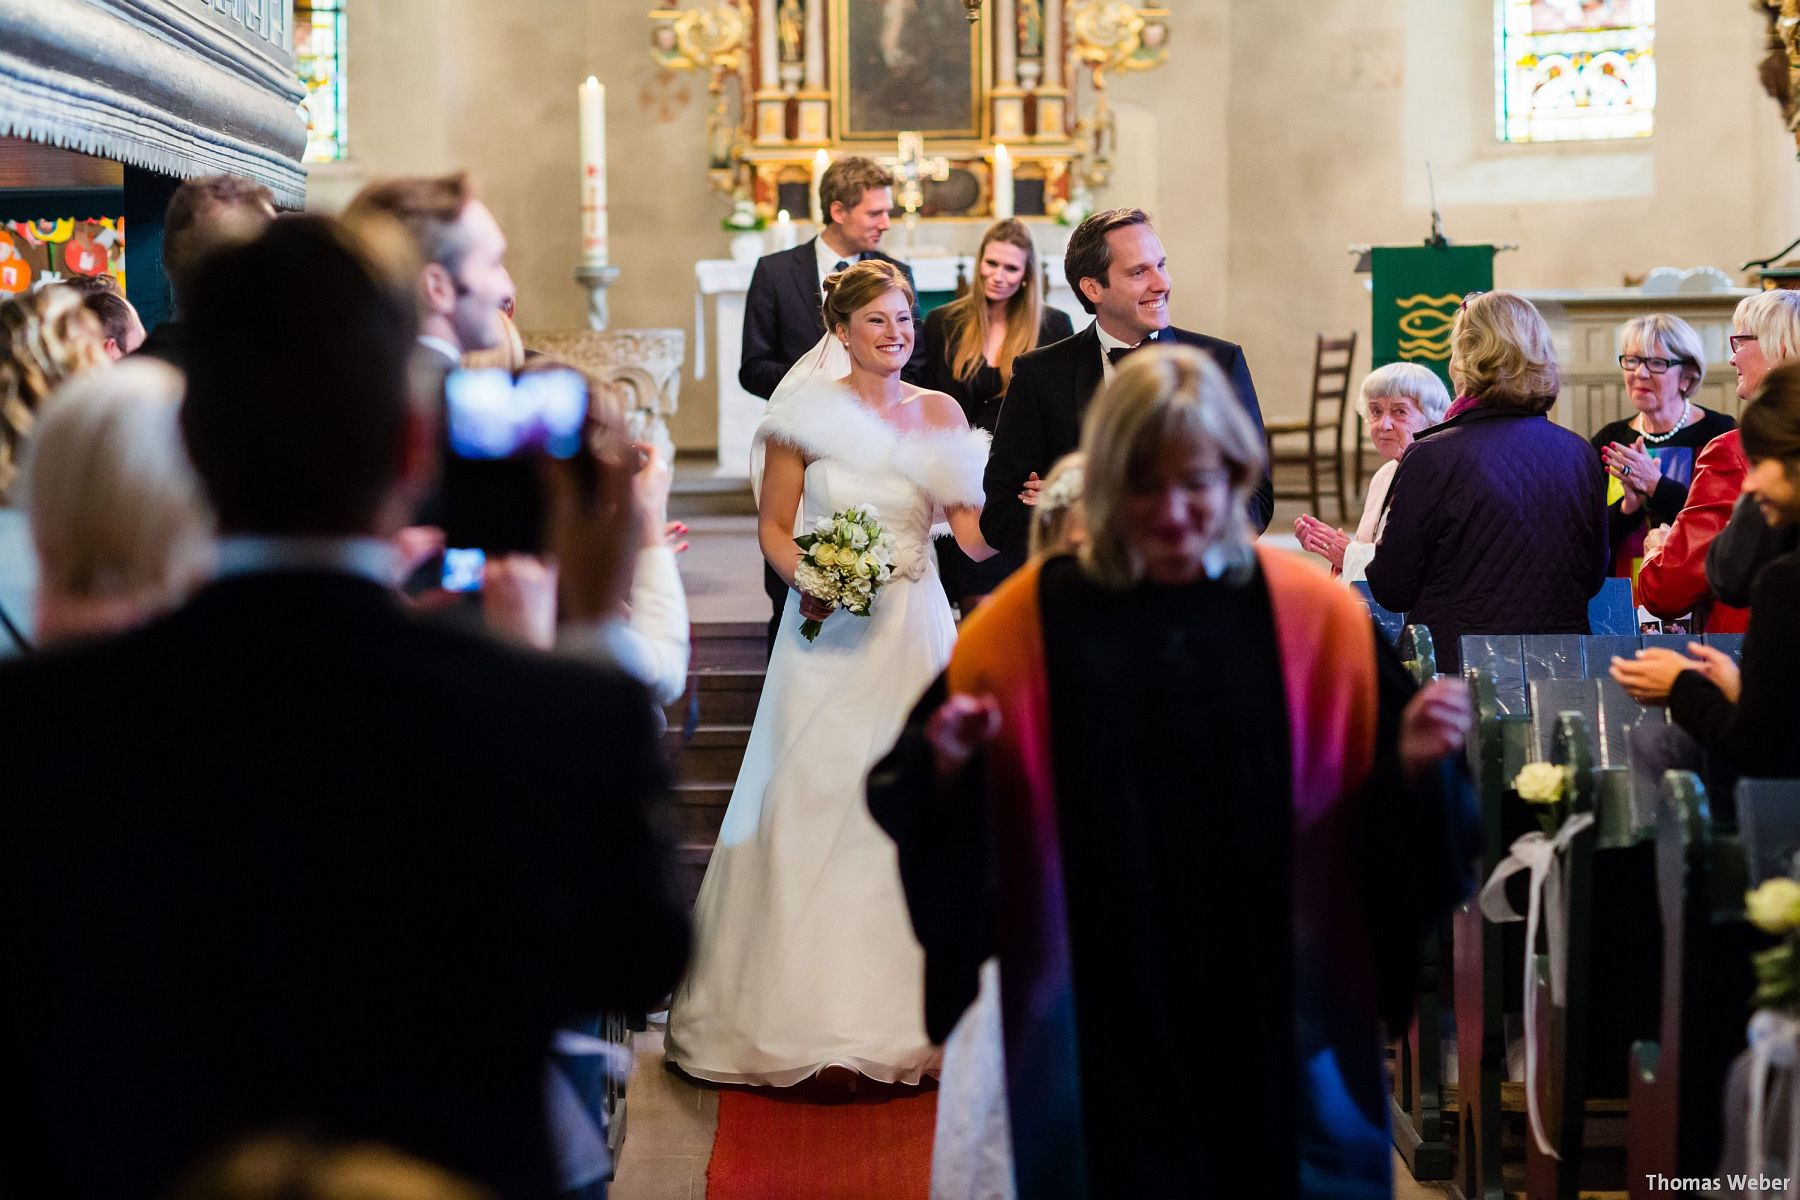 Hochzeitsfotograf Rastede: Kirchliche Trauung in der St. Ulrichs Kirche Rastede und Hochzeitsfeier in der Eventscheune St Georg Rastede mit dem Catering von Split Food (Michael Niebuhr) aus Oldenburg (15)